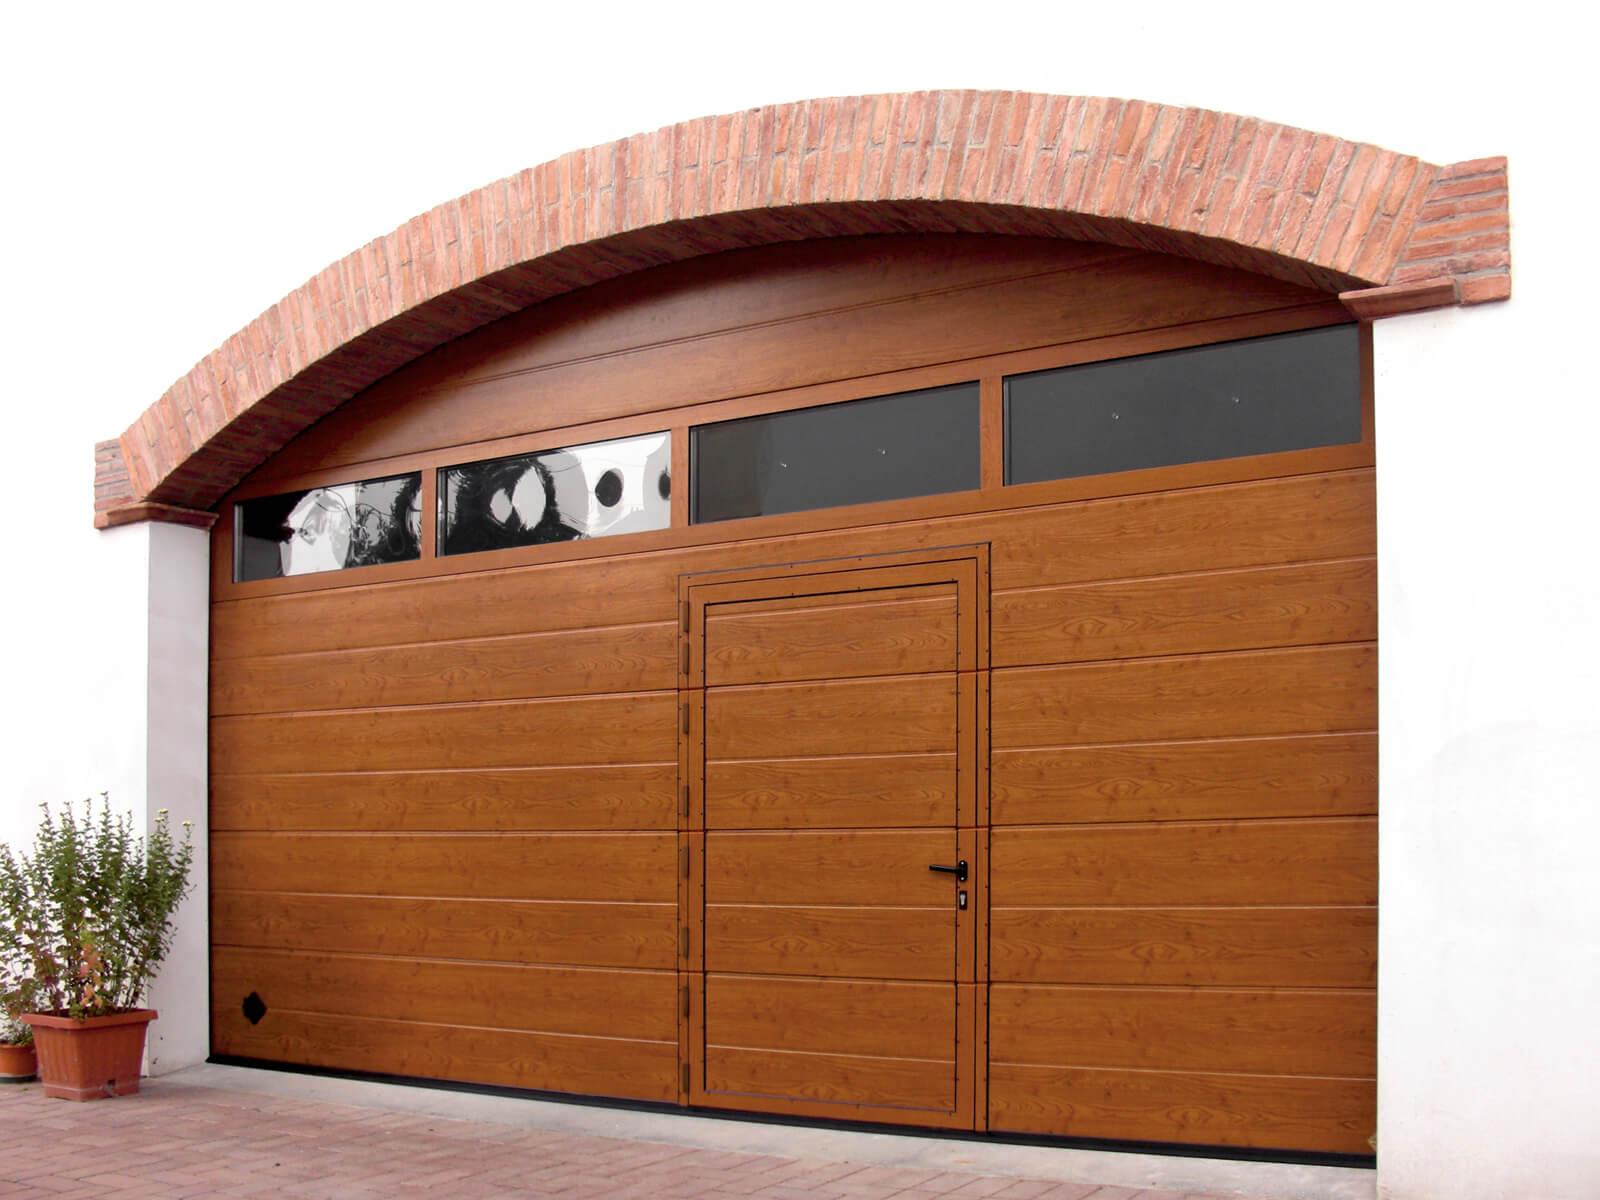 Portone sezionale da garage CUPIS - Simil legno quercia porta pedonale ribassata